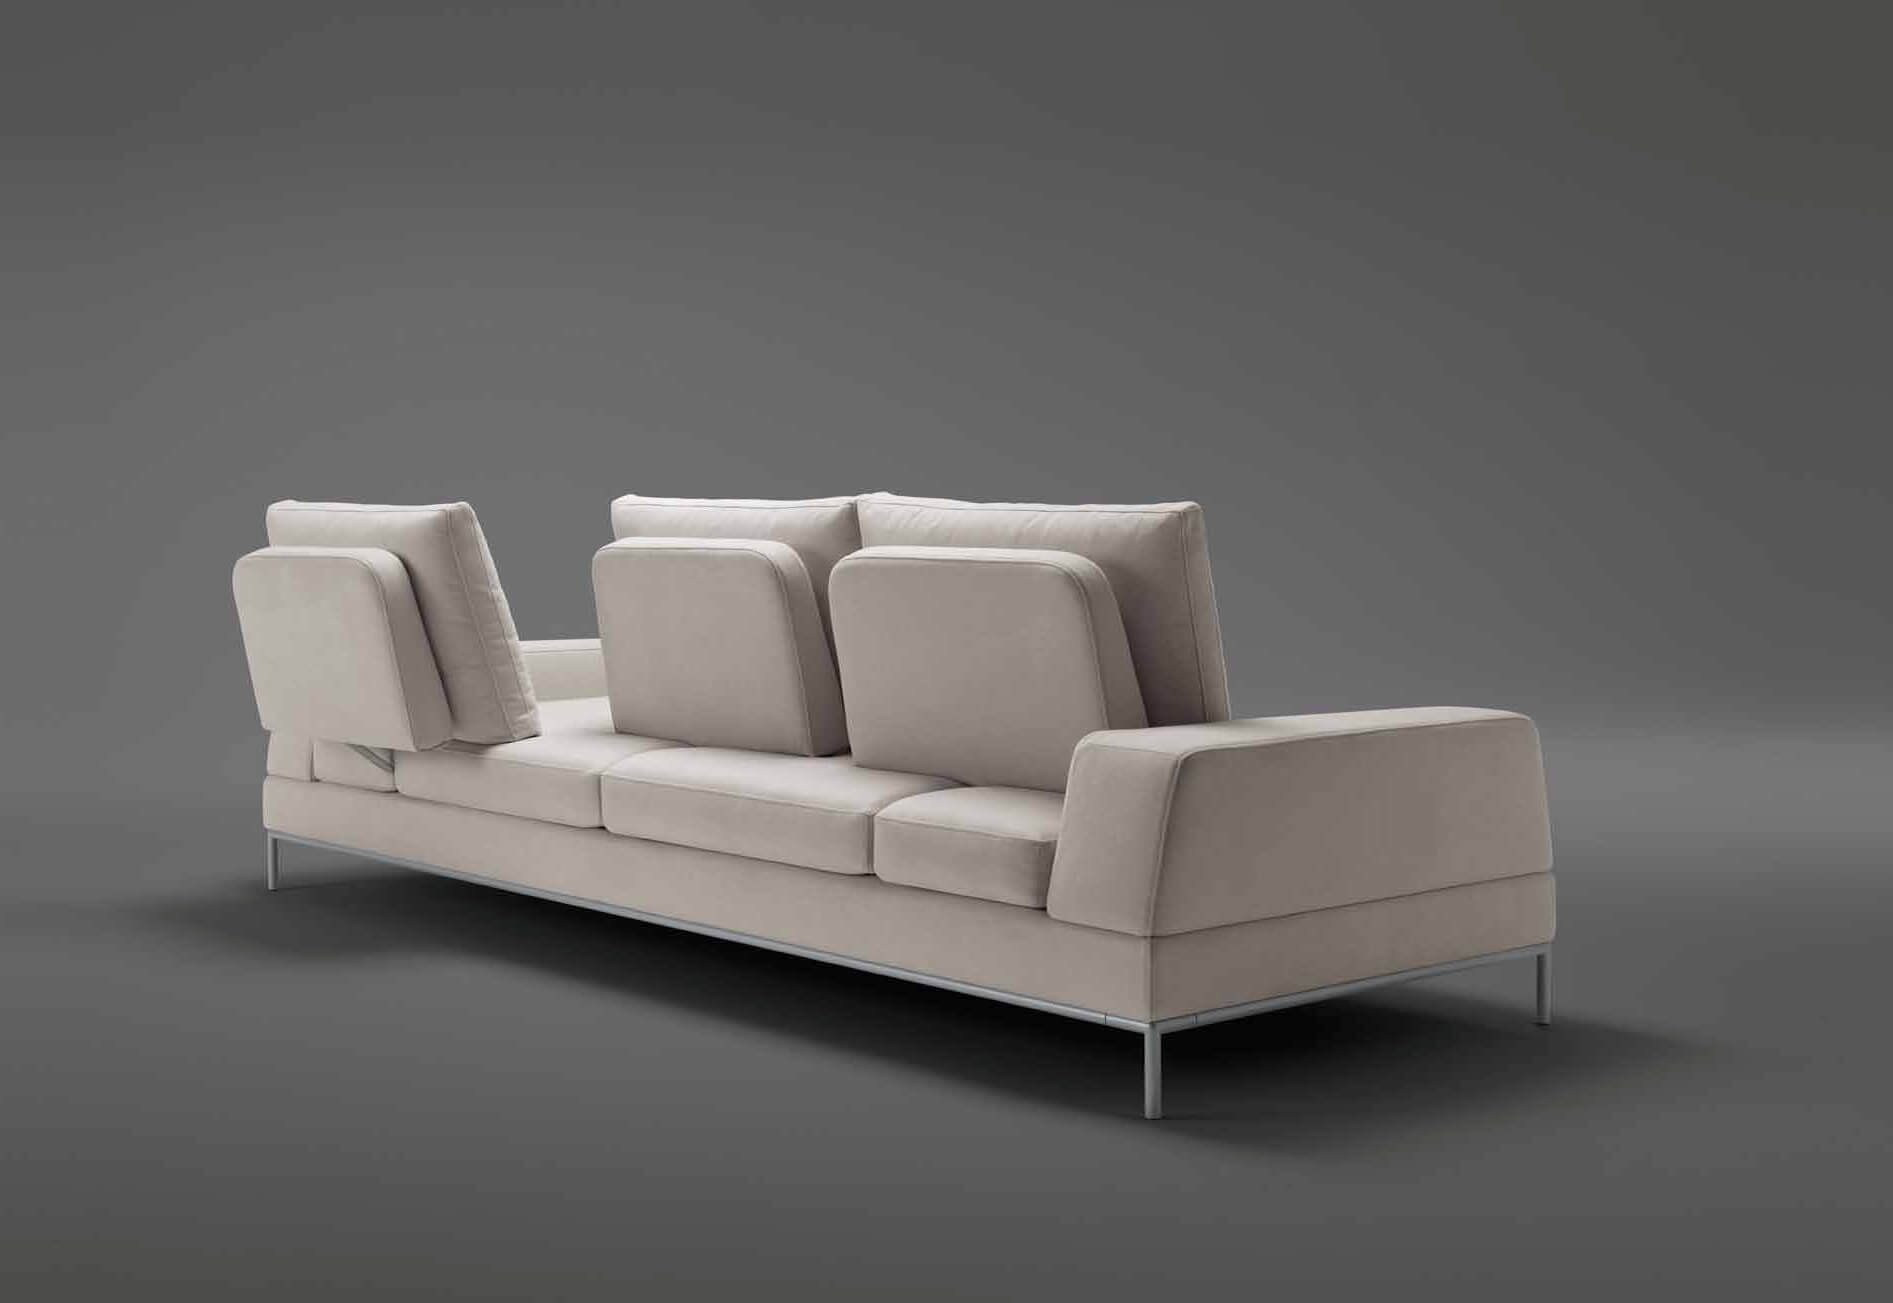 Mobile divano 28 images mobile dietro divano il - Il miglior divano letto ...